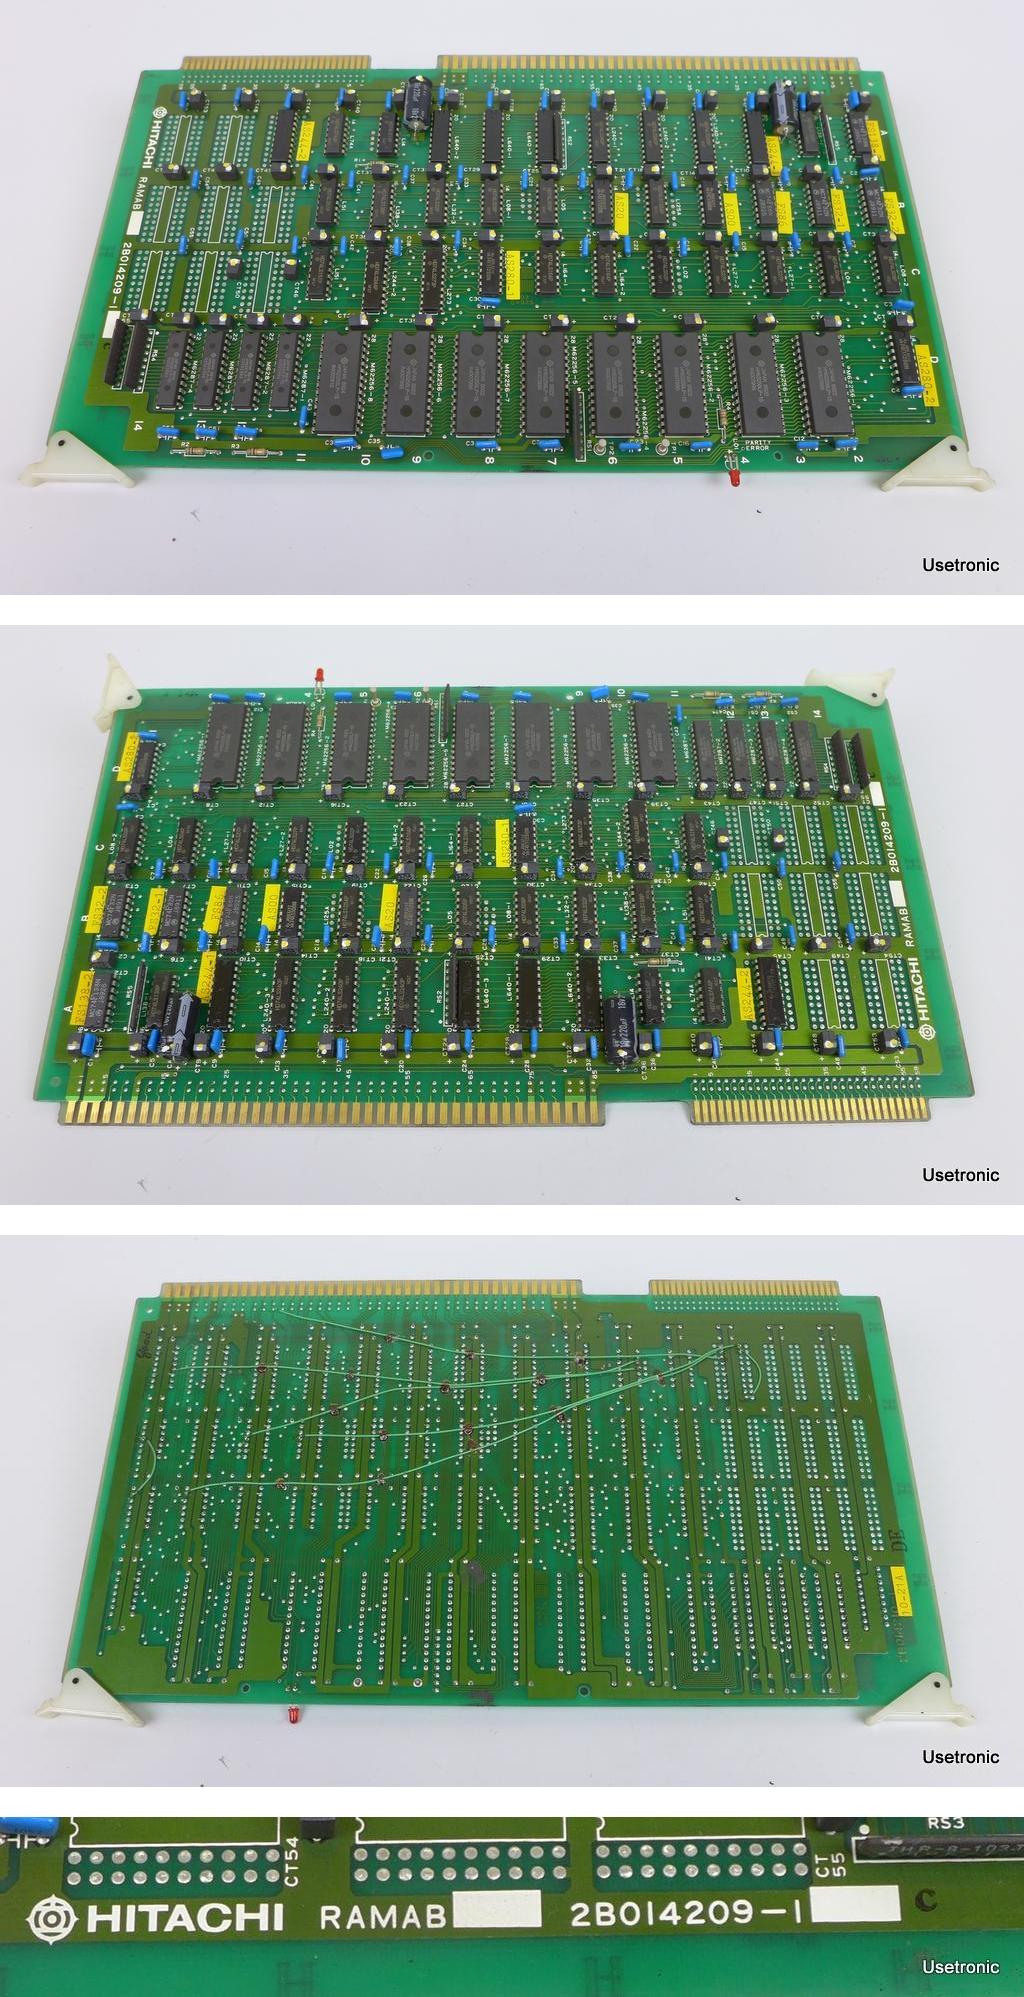 Hitachi RAMAB 2B014209-1